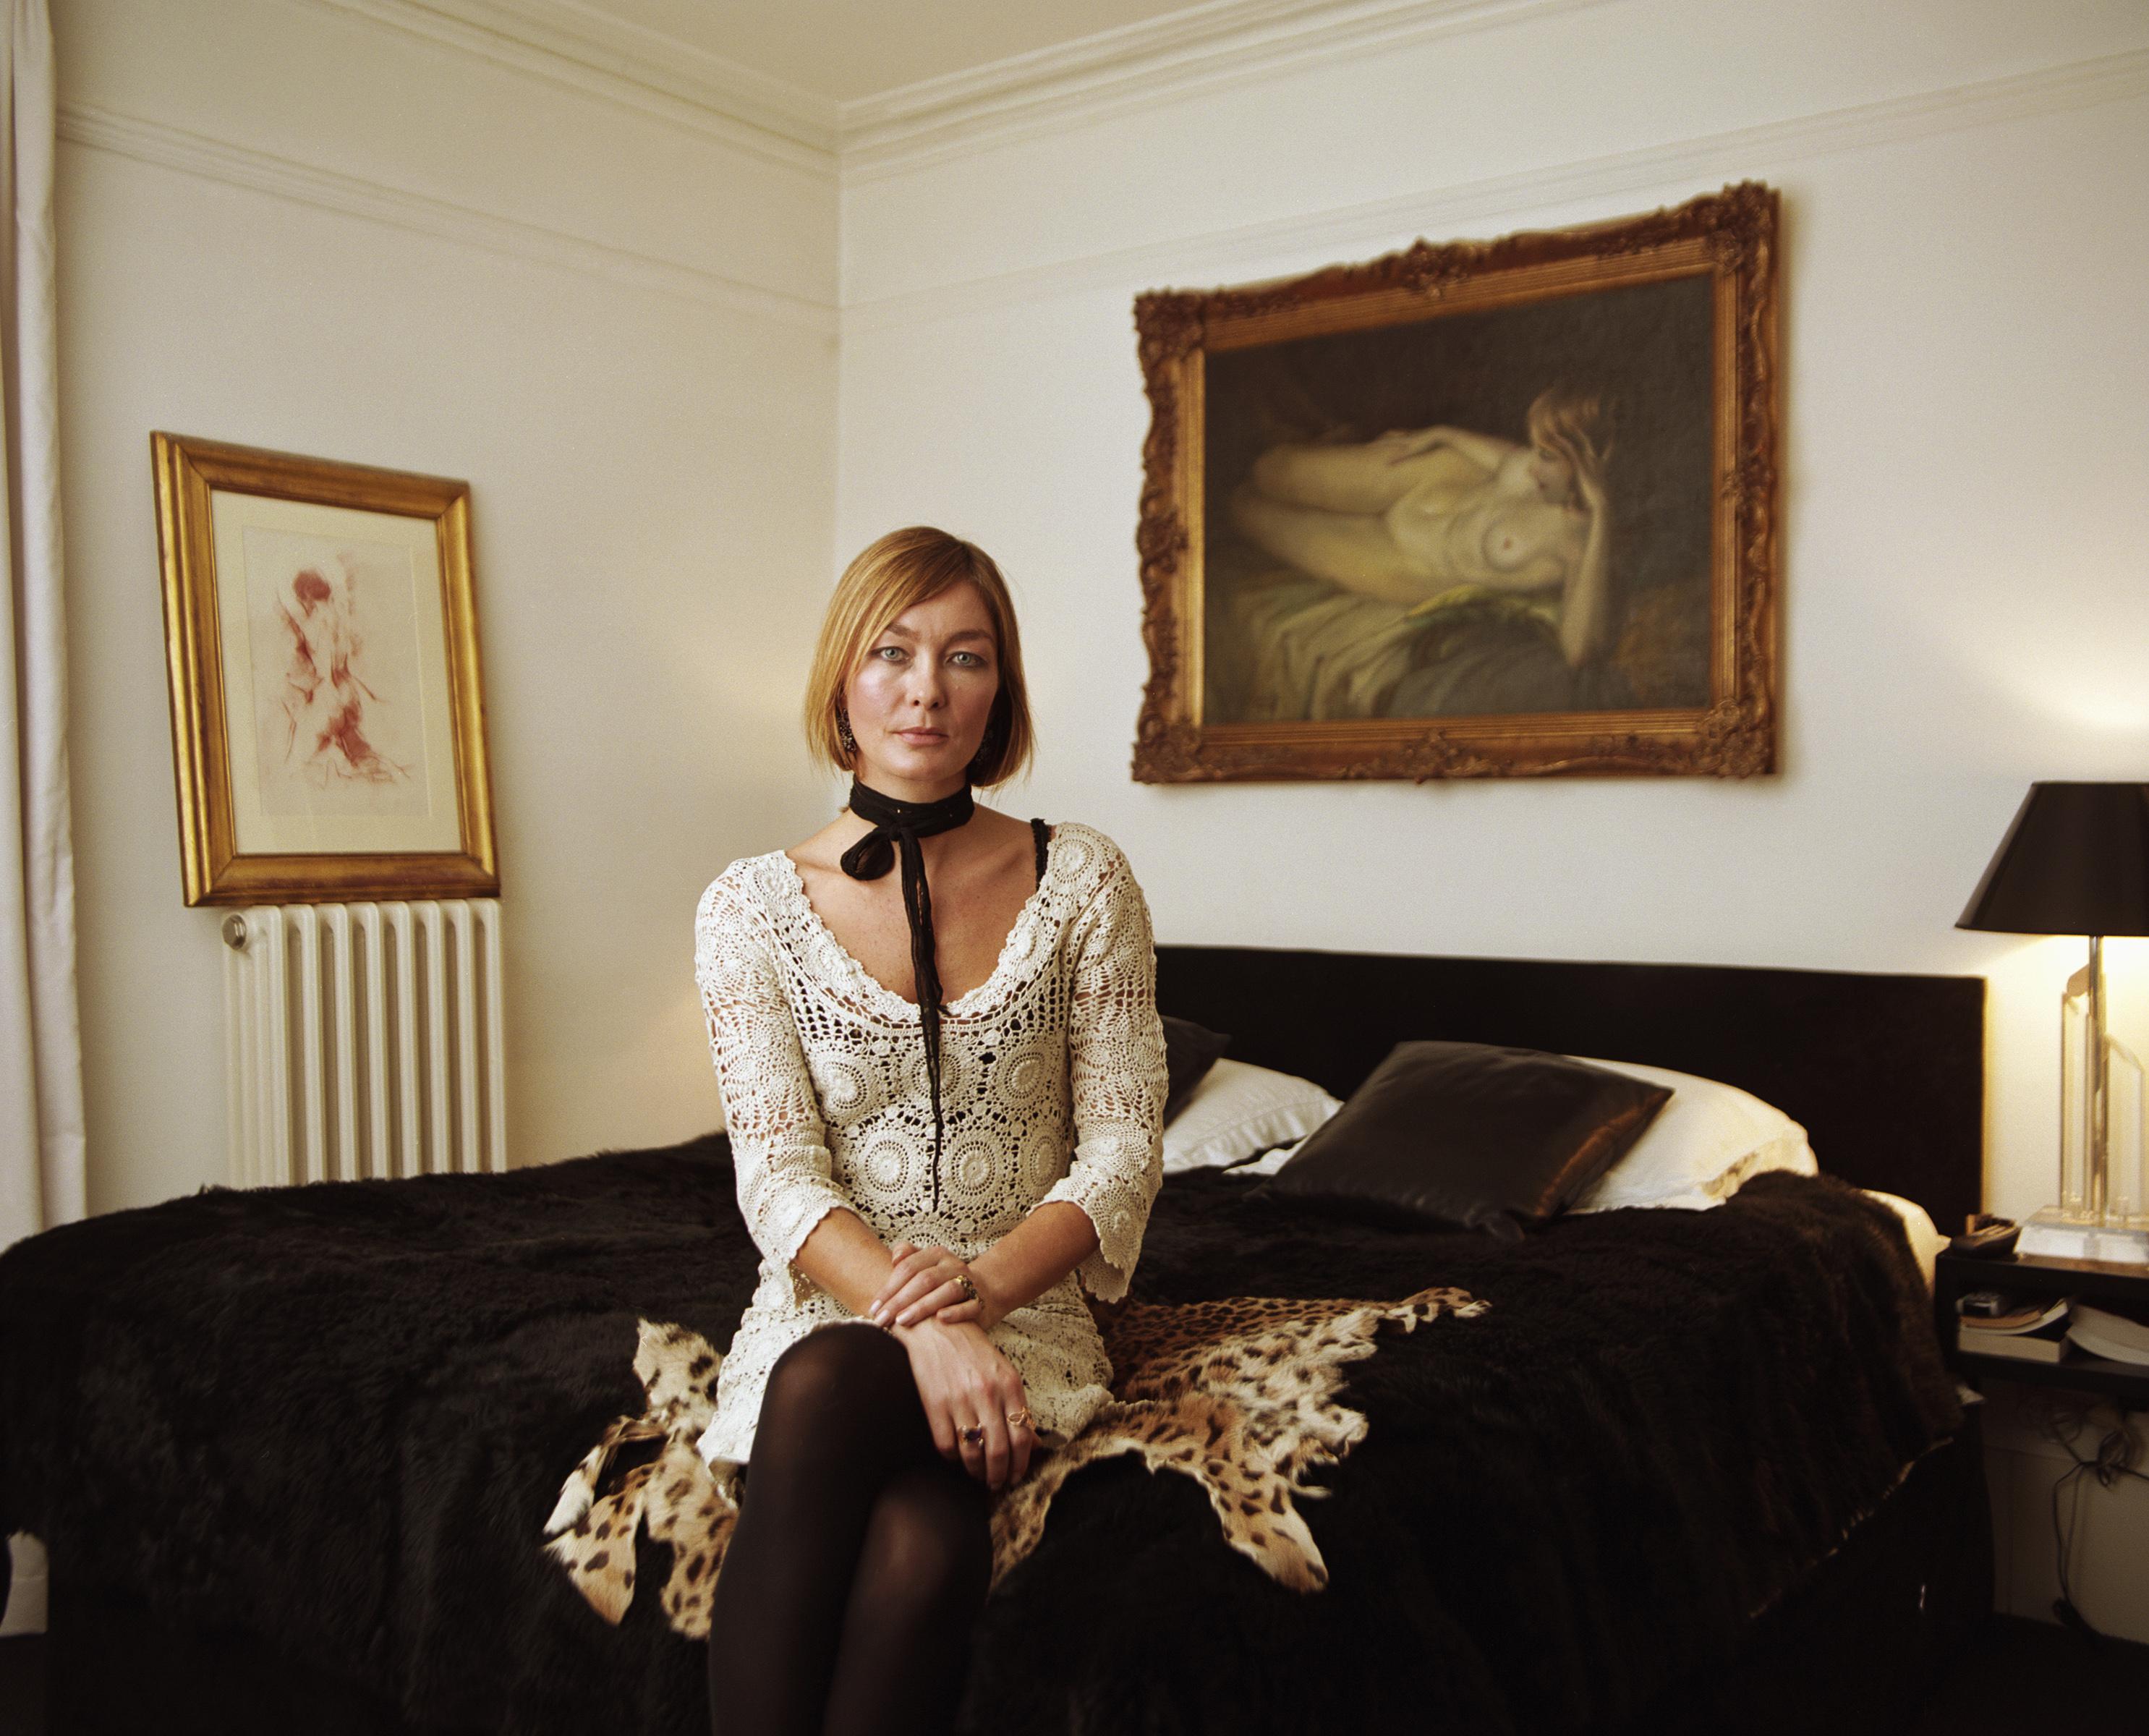 Fiona Knapp